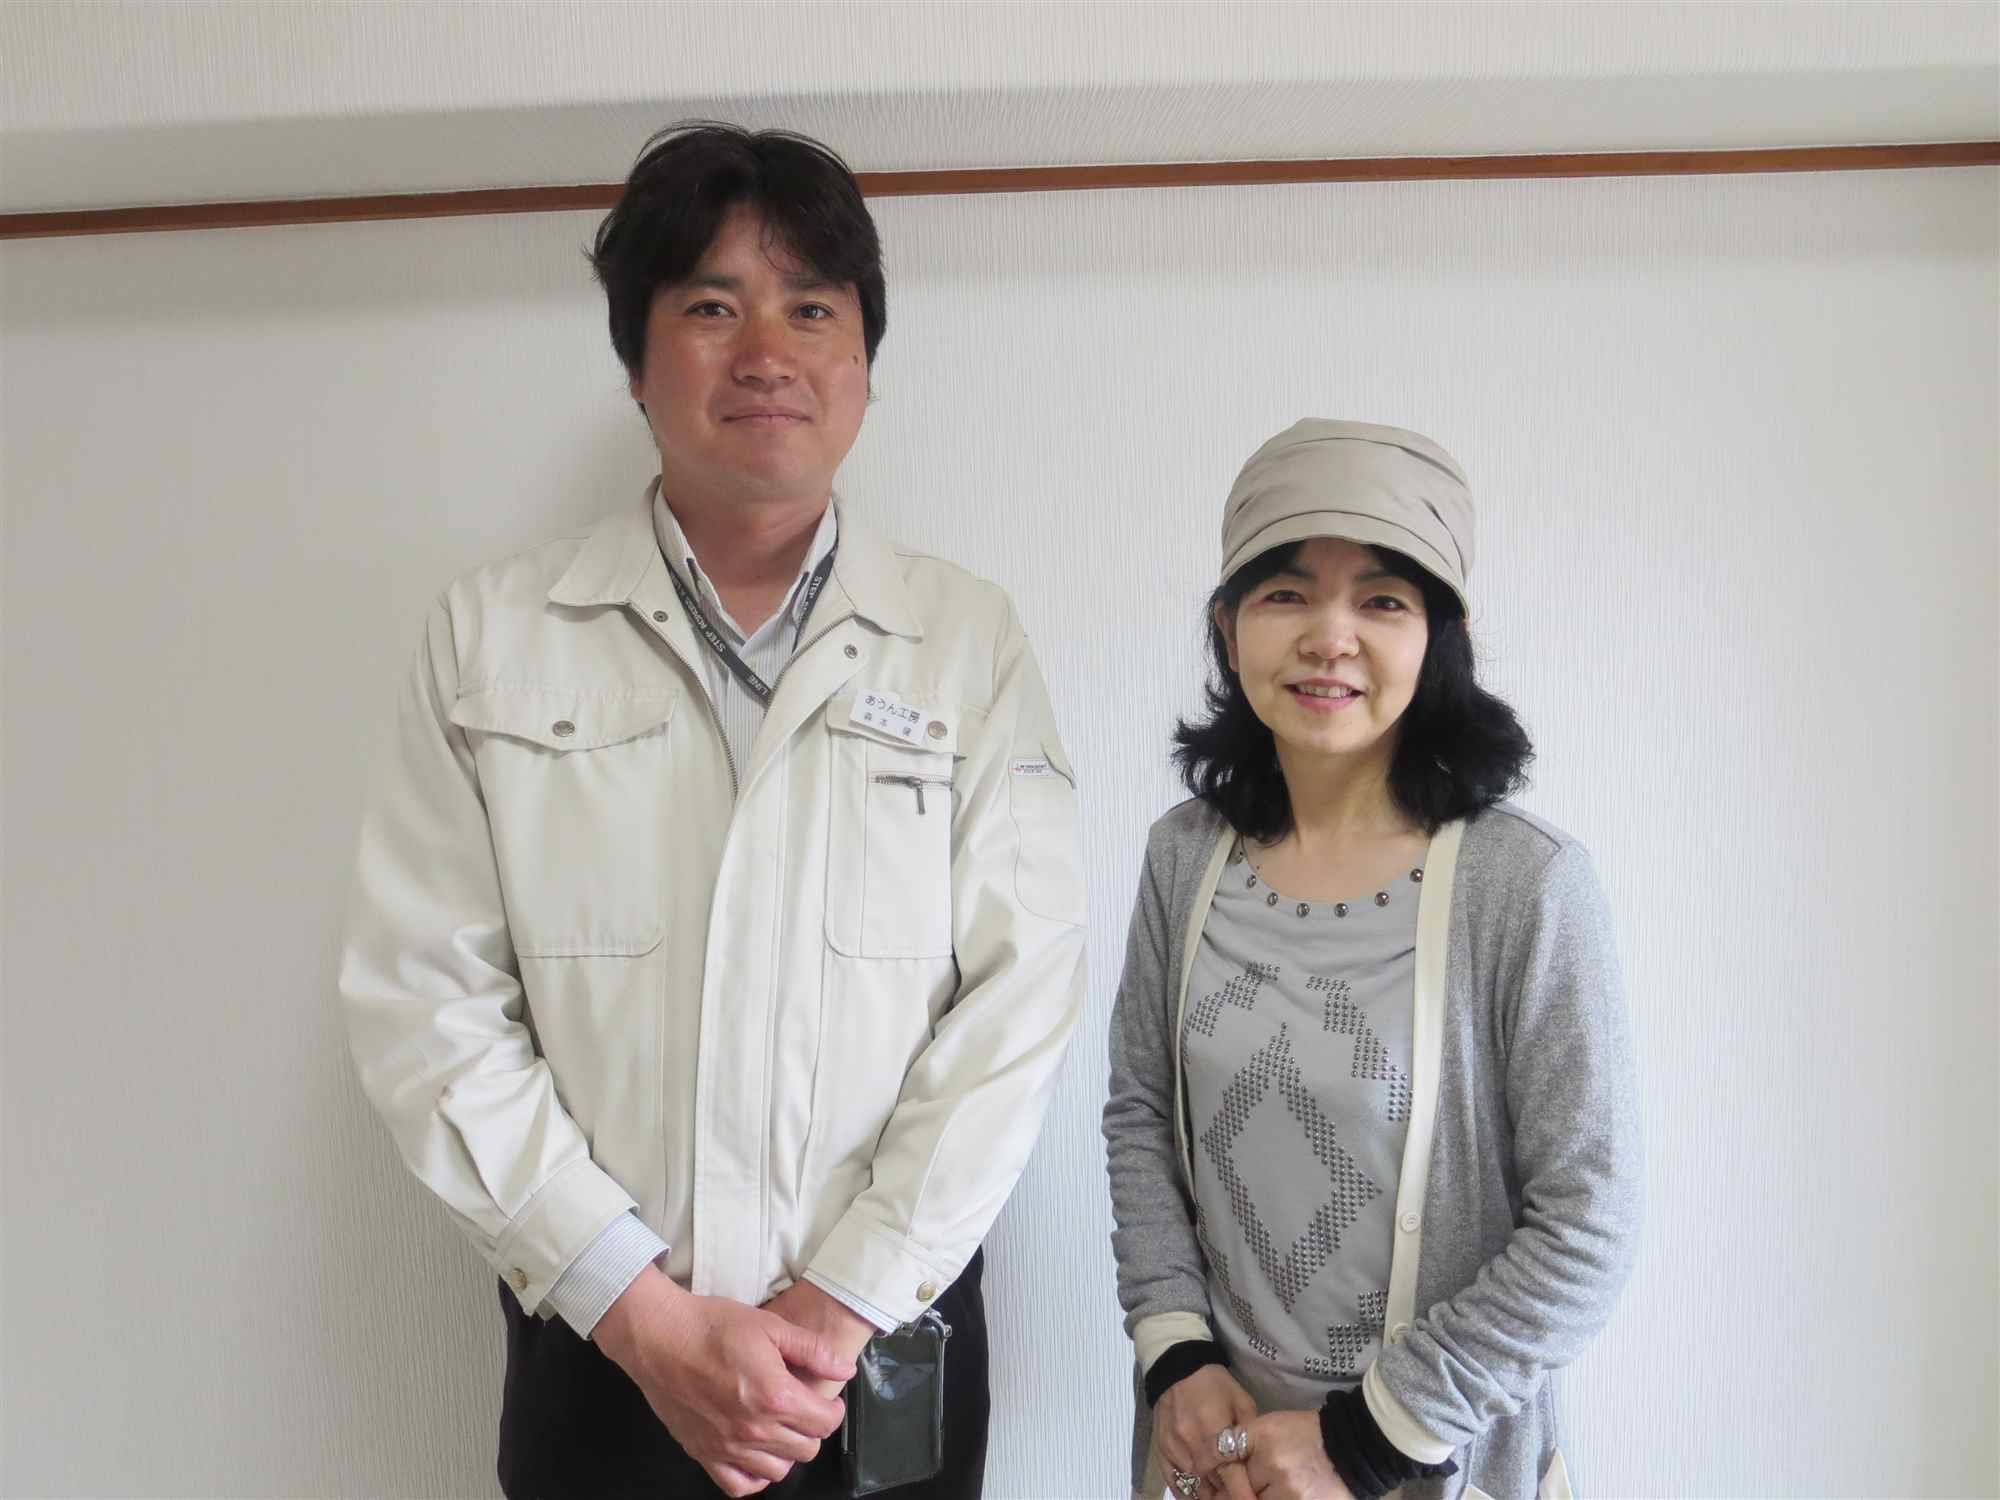 沖縄・那覇のリフォーム 実際のお客様の写真:色々な問題点を解決して頂き、本当に良かったです。